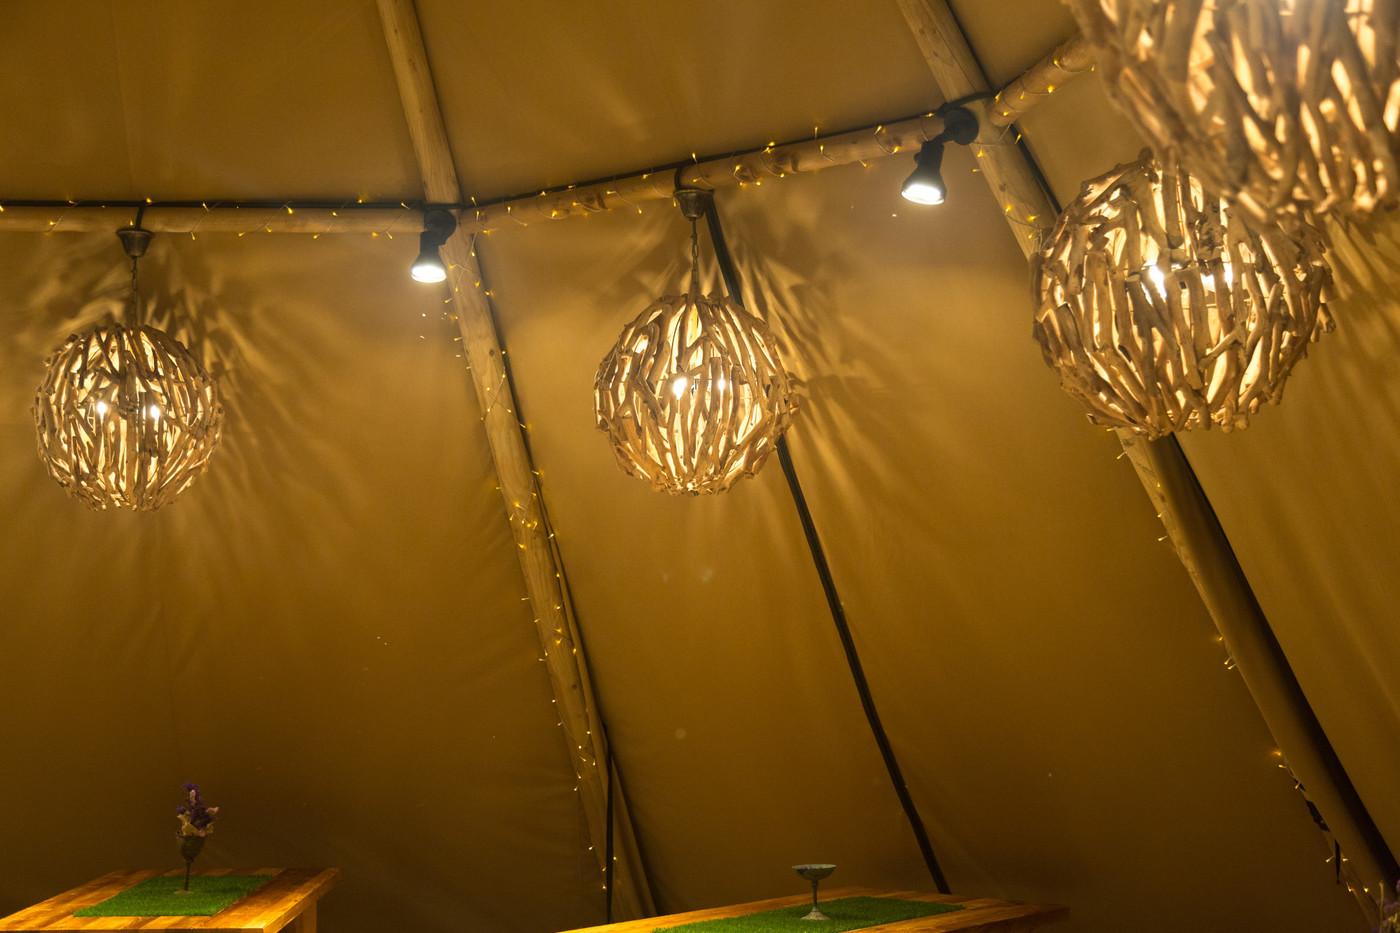 喜马拉雅印第安多功能大厅—淮安白马湖生态旅游度假区50